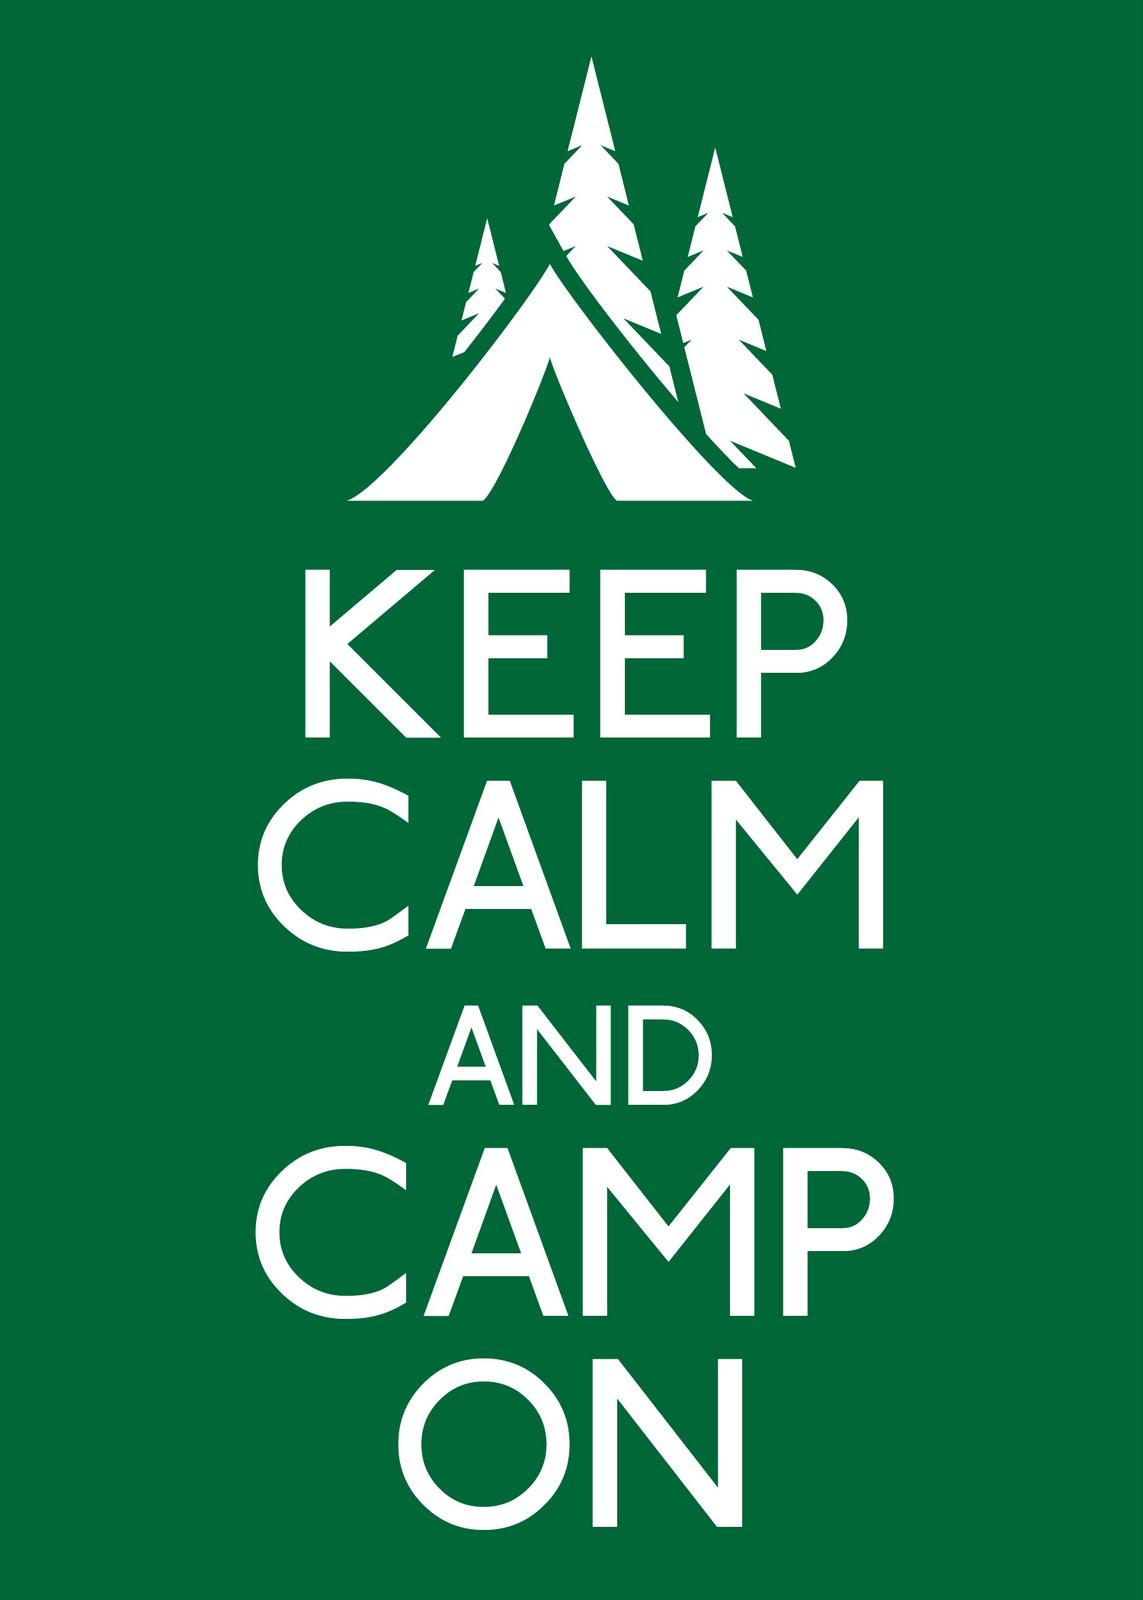 Fun Camping Quotes. QuotesGram